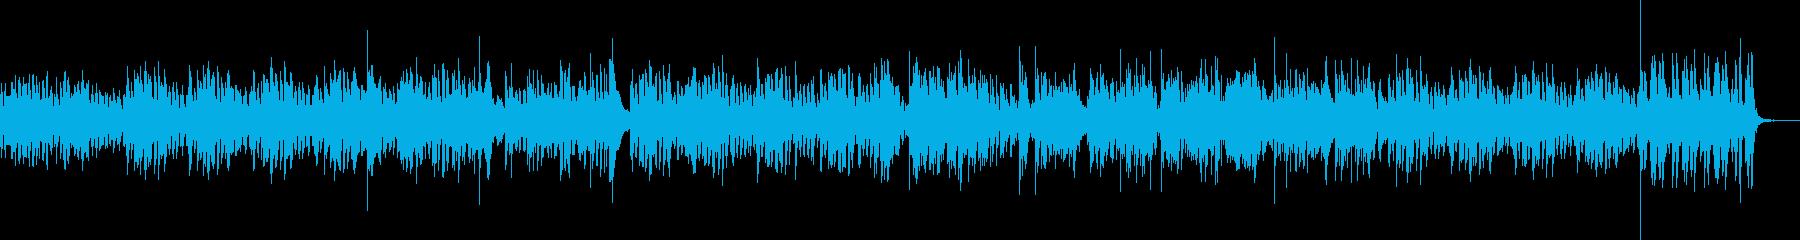 ヴィブラフォンとピアノのボサノバの再生済みの波形